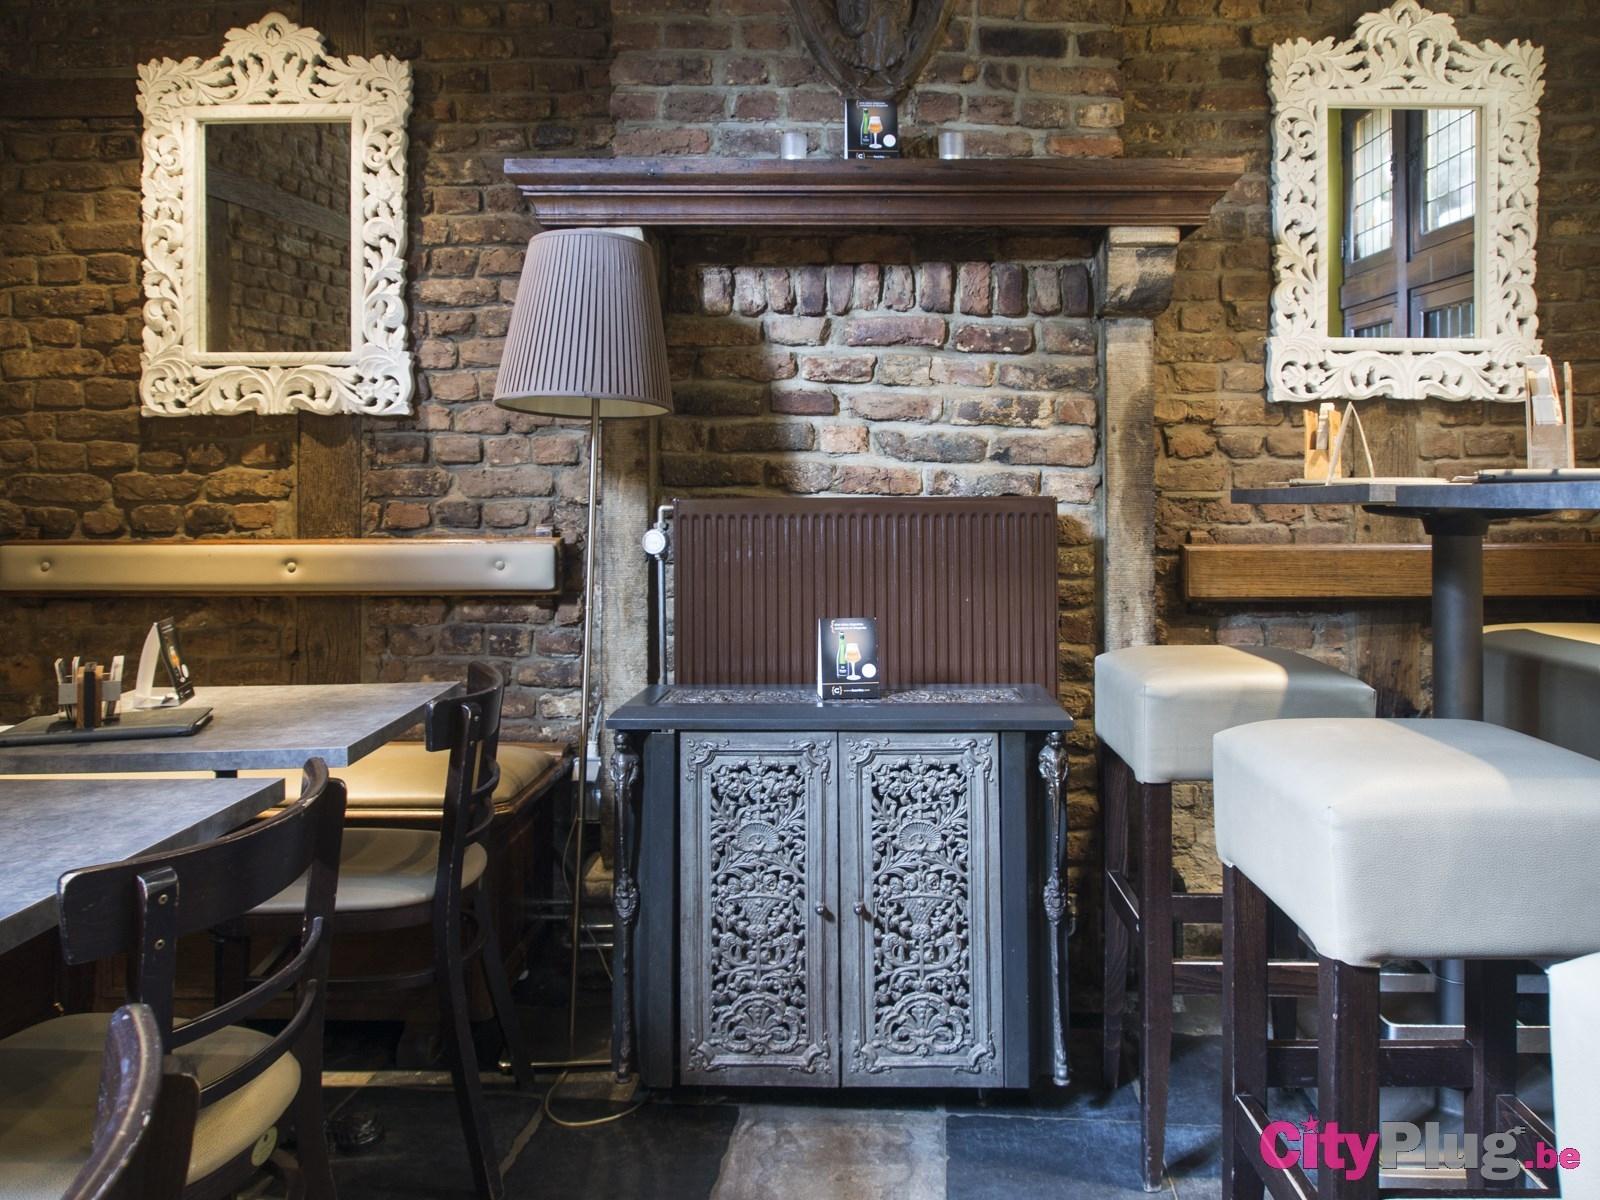 Restaurant Cuisine Belge Anvers Brasserie Pas Cher